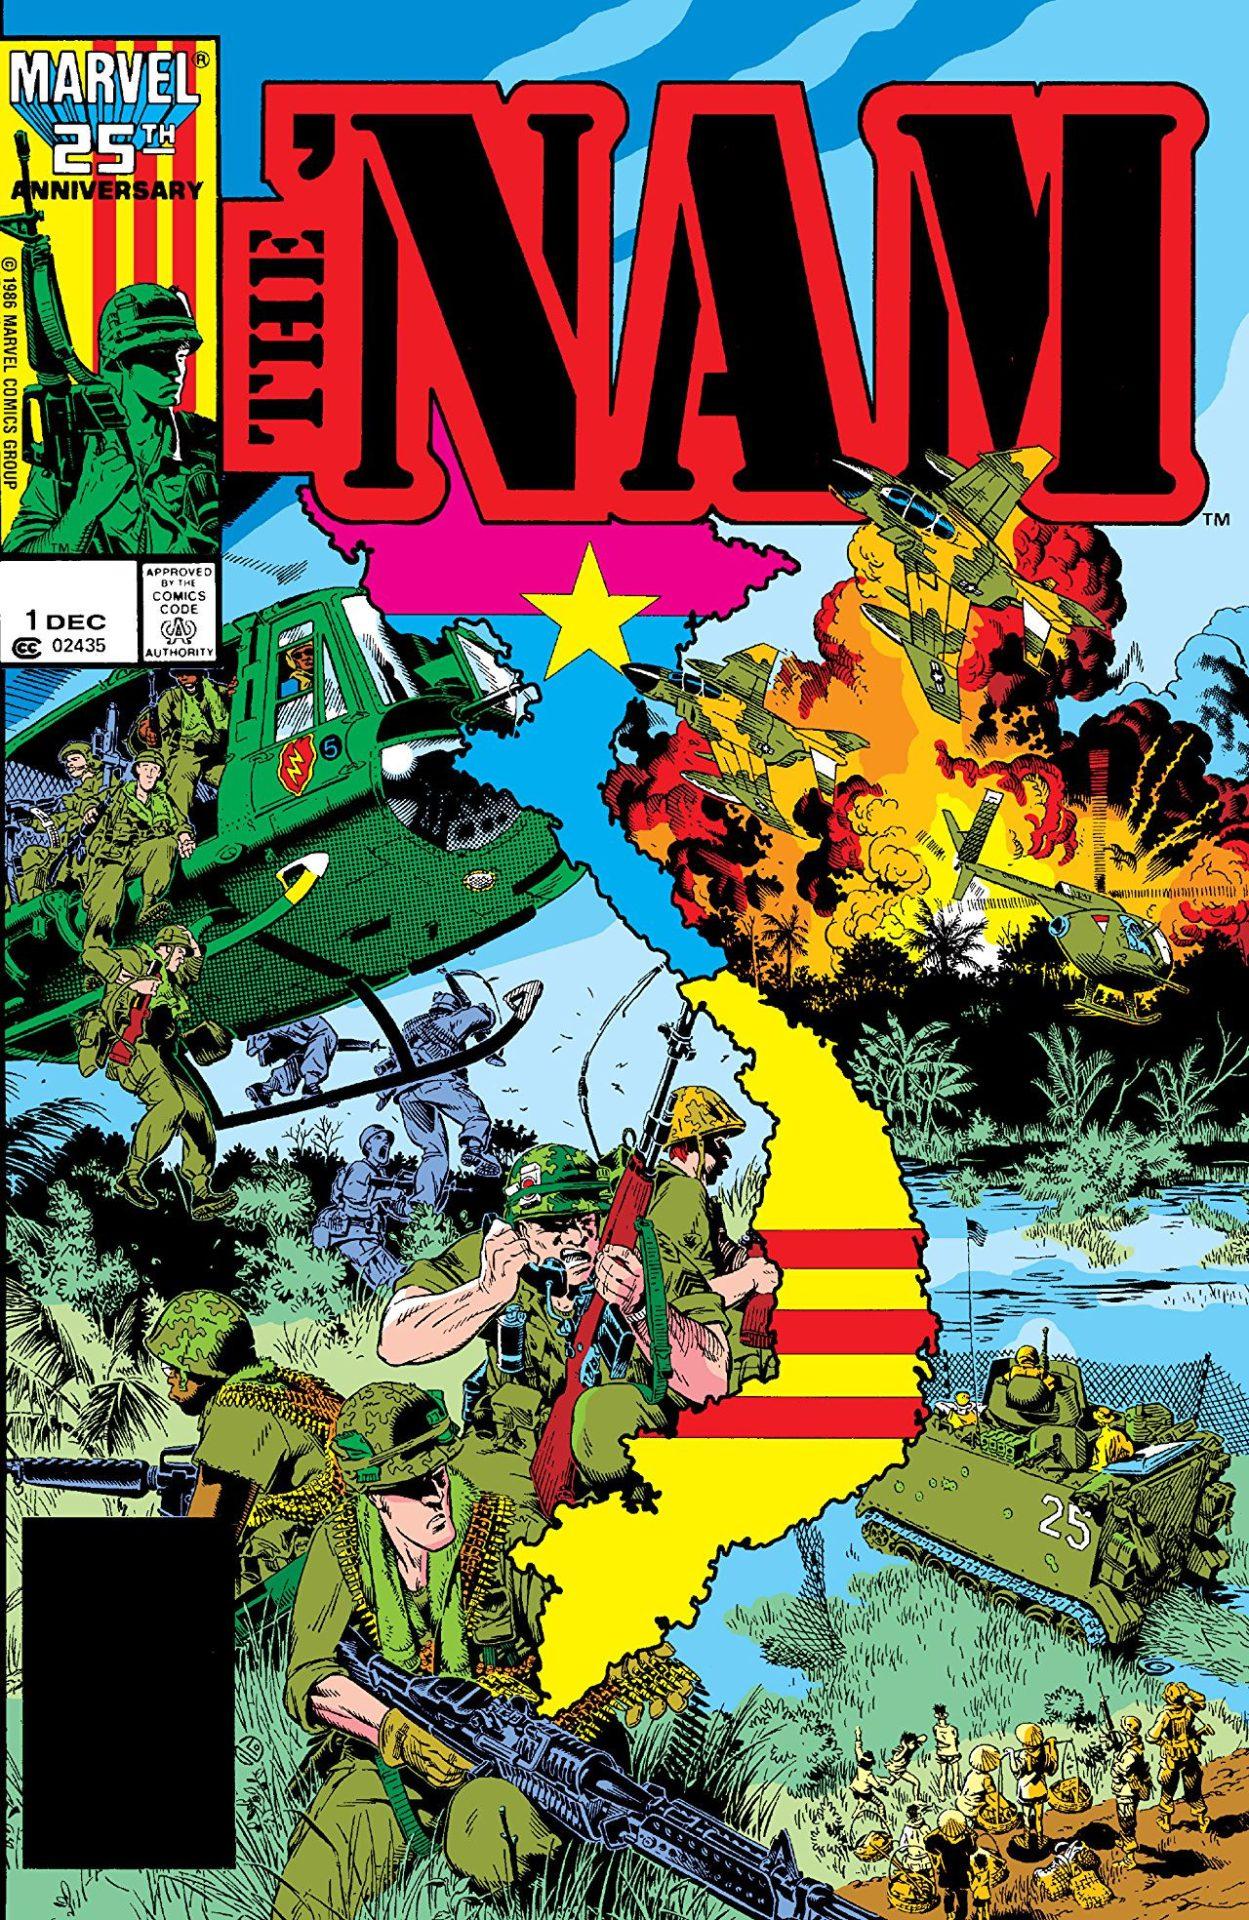 truyện tranh mỹ phản ánh chiến tranh việt nam